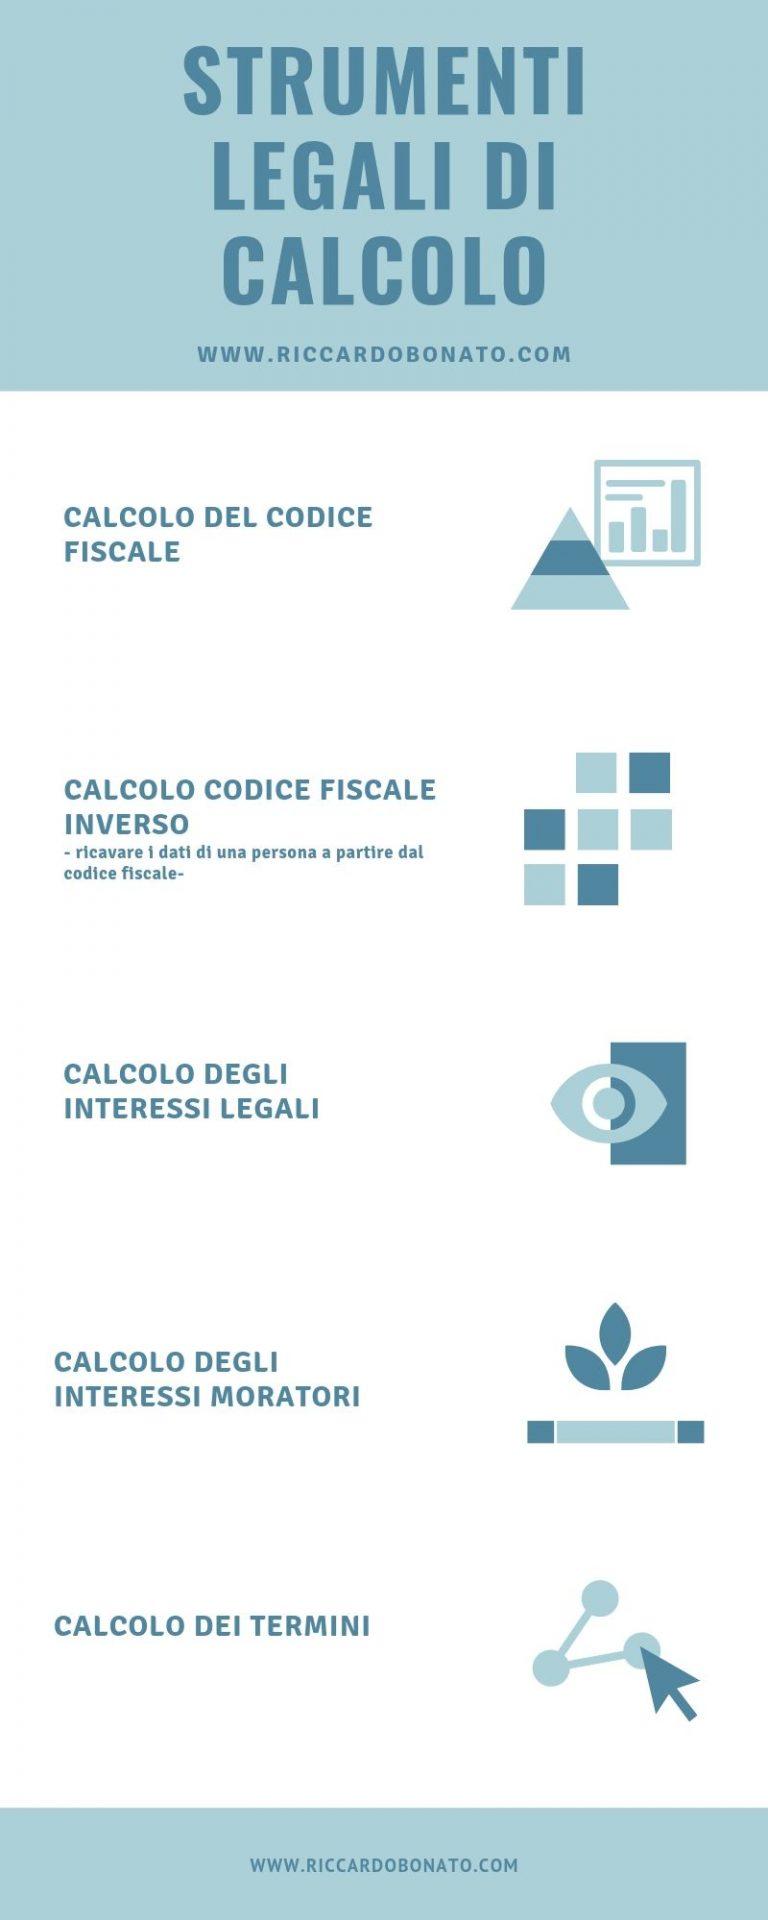 Calcolo codice fiscalie . 768x1920 - Strumenti Legali di calcolo (es. calcolo codice fiscalie)